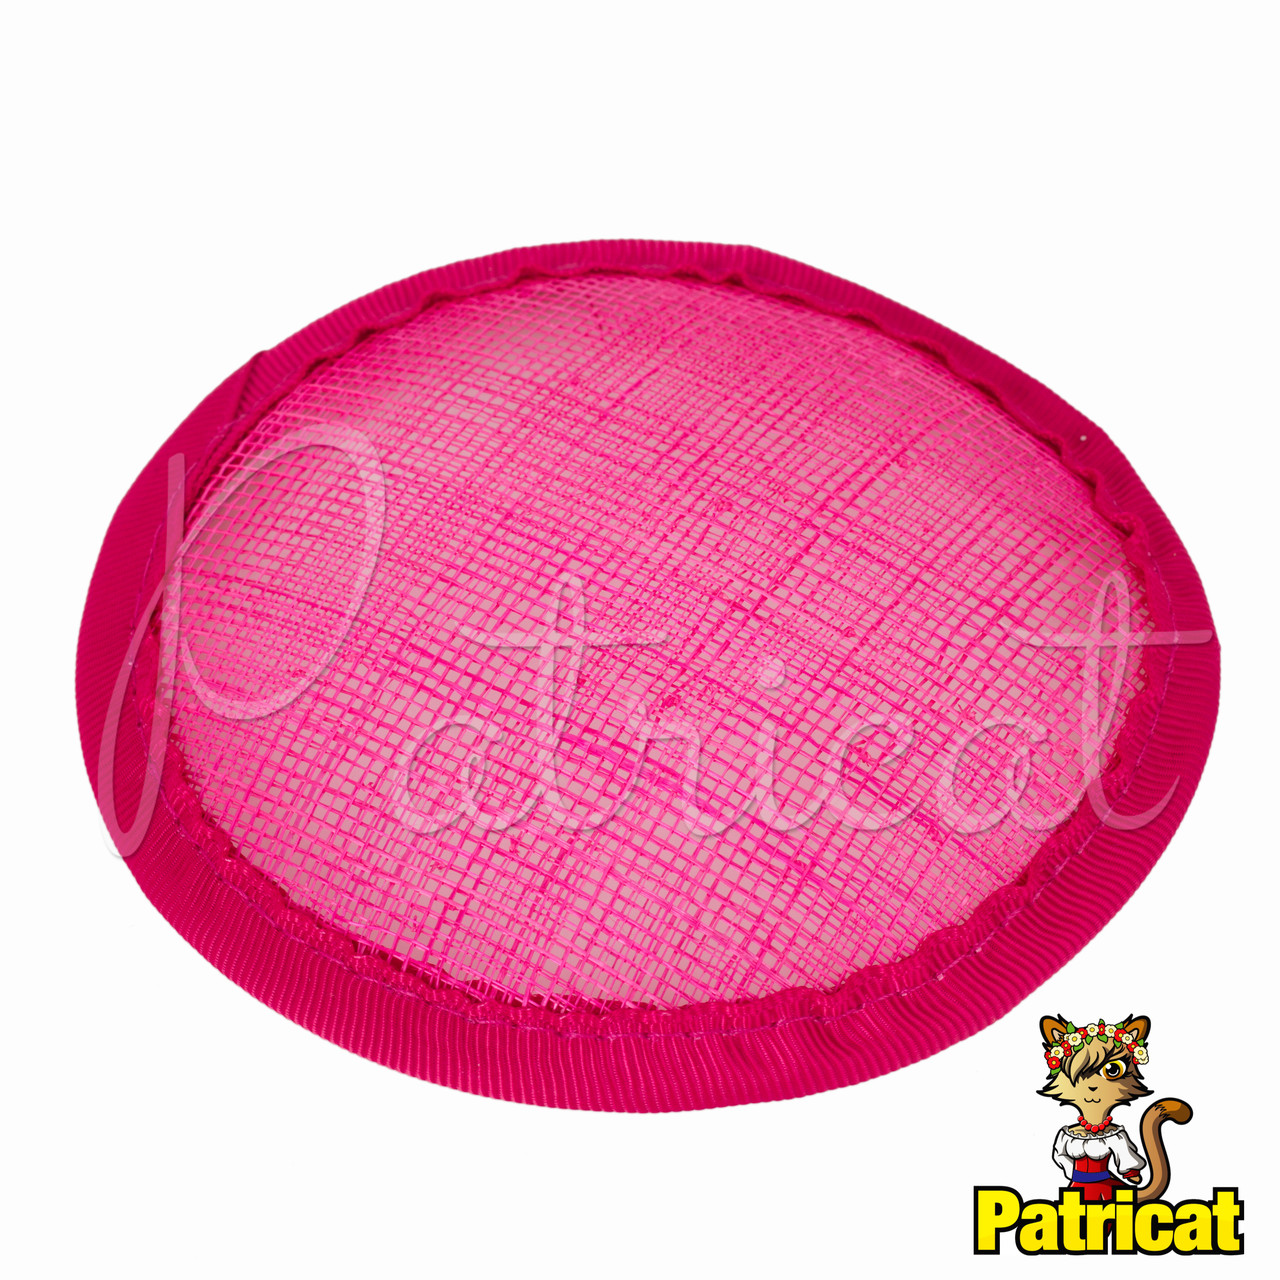 Основа Синамей для шляпки, вуалетки круглая Фуксия 10 см, фото 1